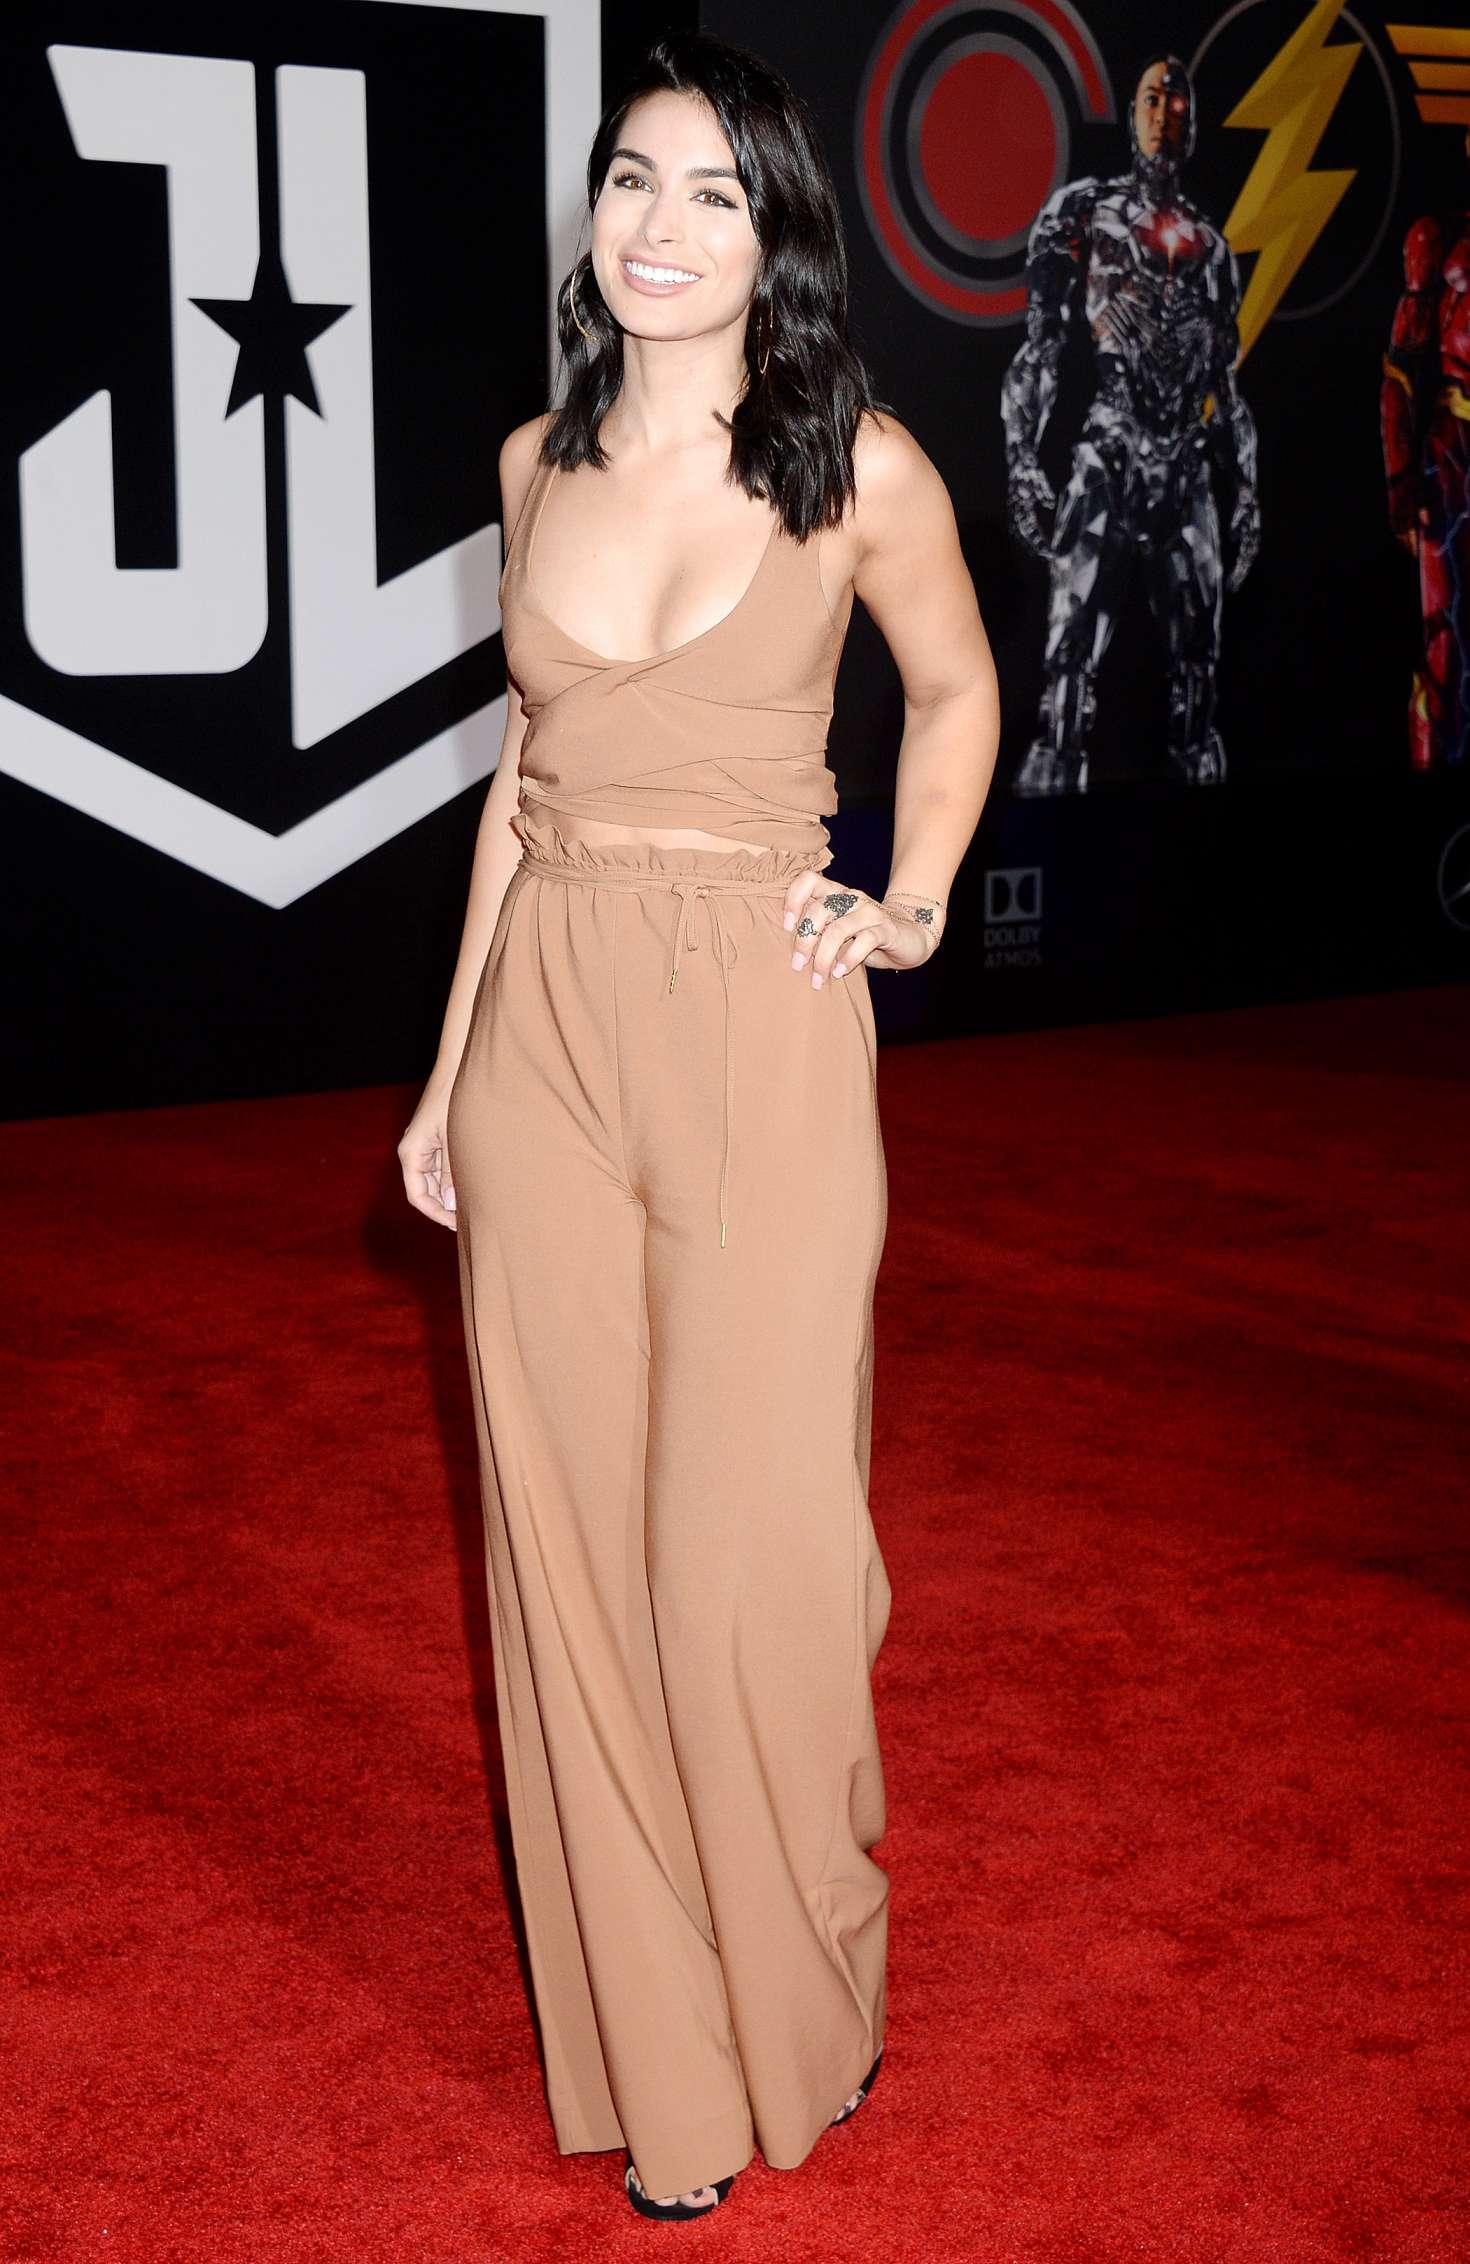 Ashley Iaconetti 2017 : Ashley Iaconetti: Justice League Premiere in LA -02